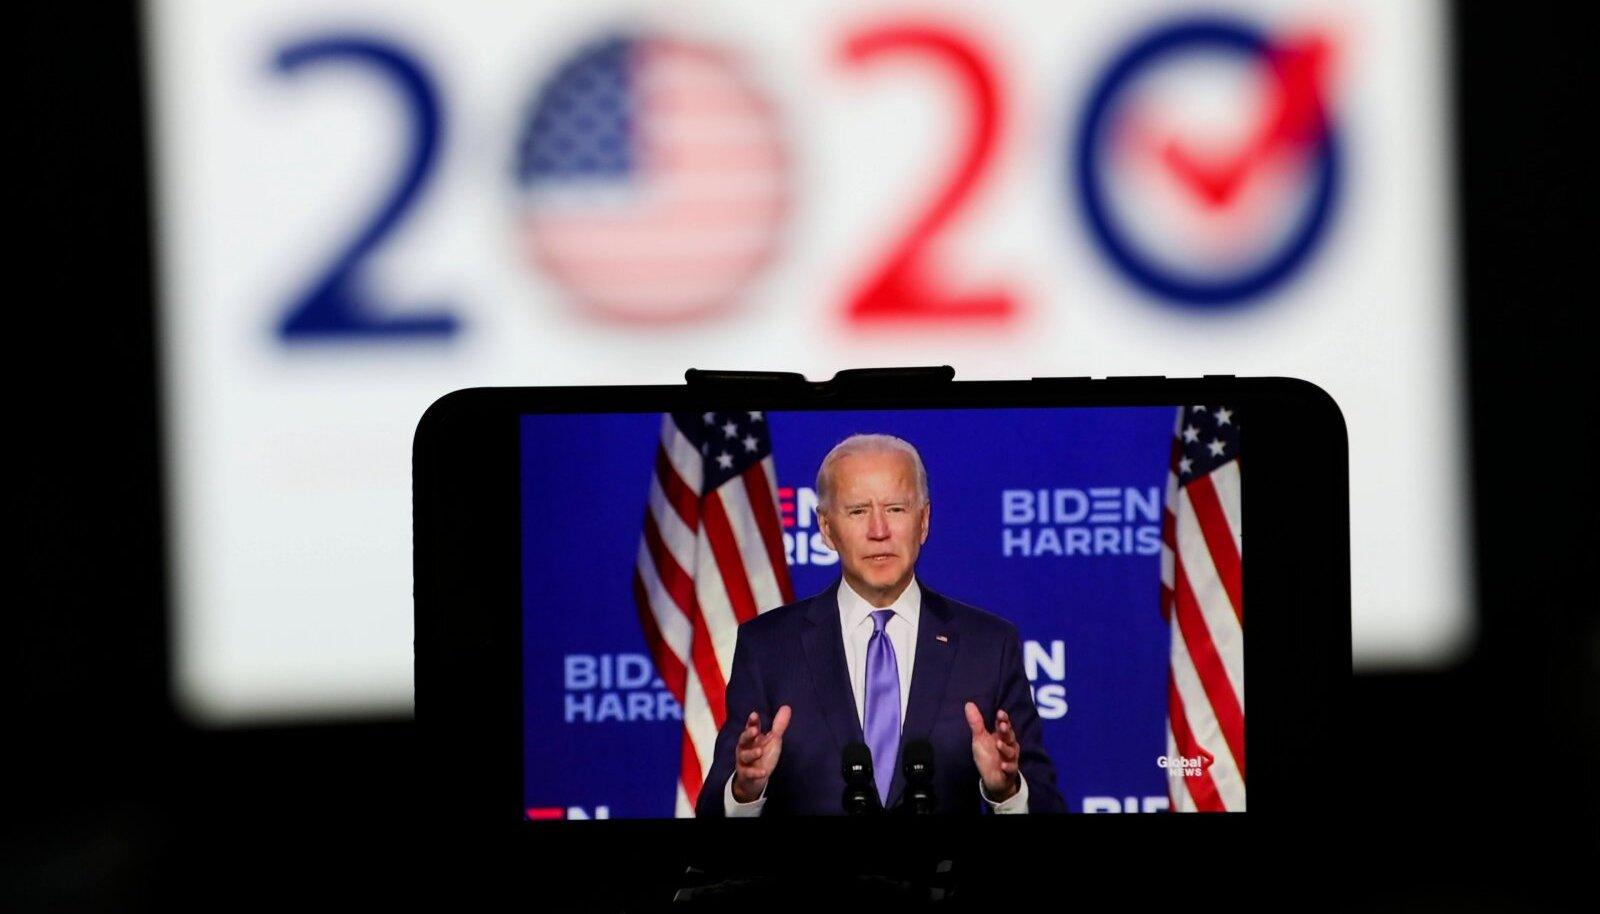 Joe Biden reedel Wilmingtonis kõnet pidamas ja võitu ennustamas, kuid mitte veel välja kuulutamas.